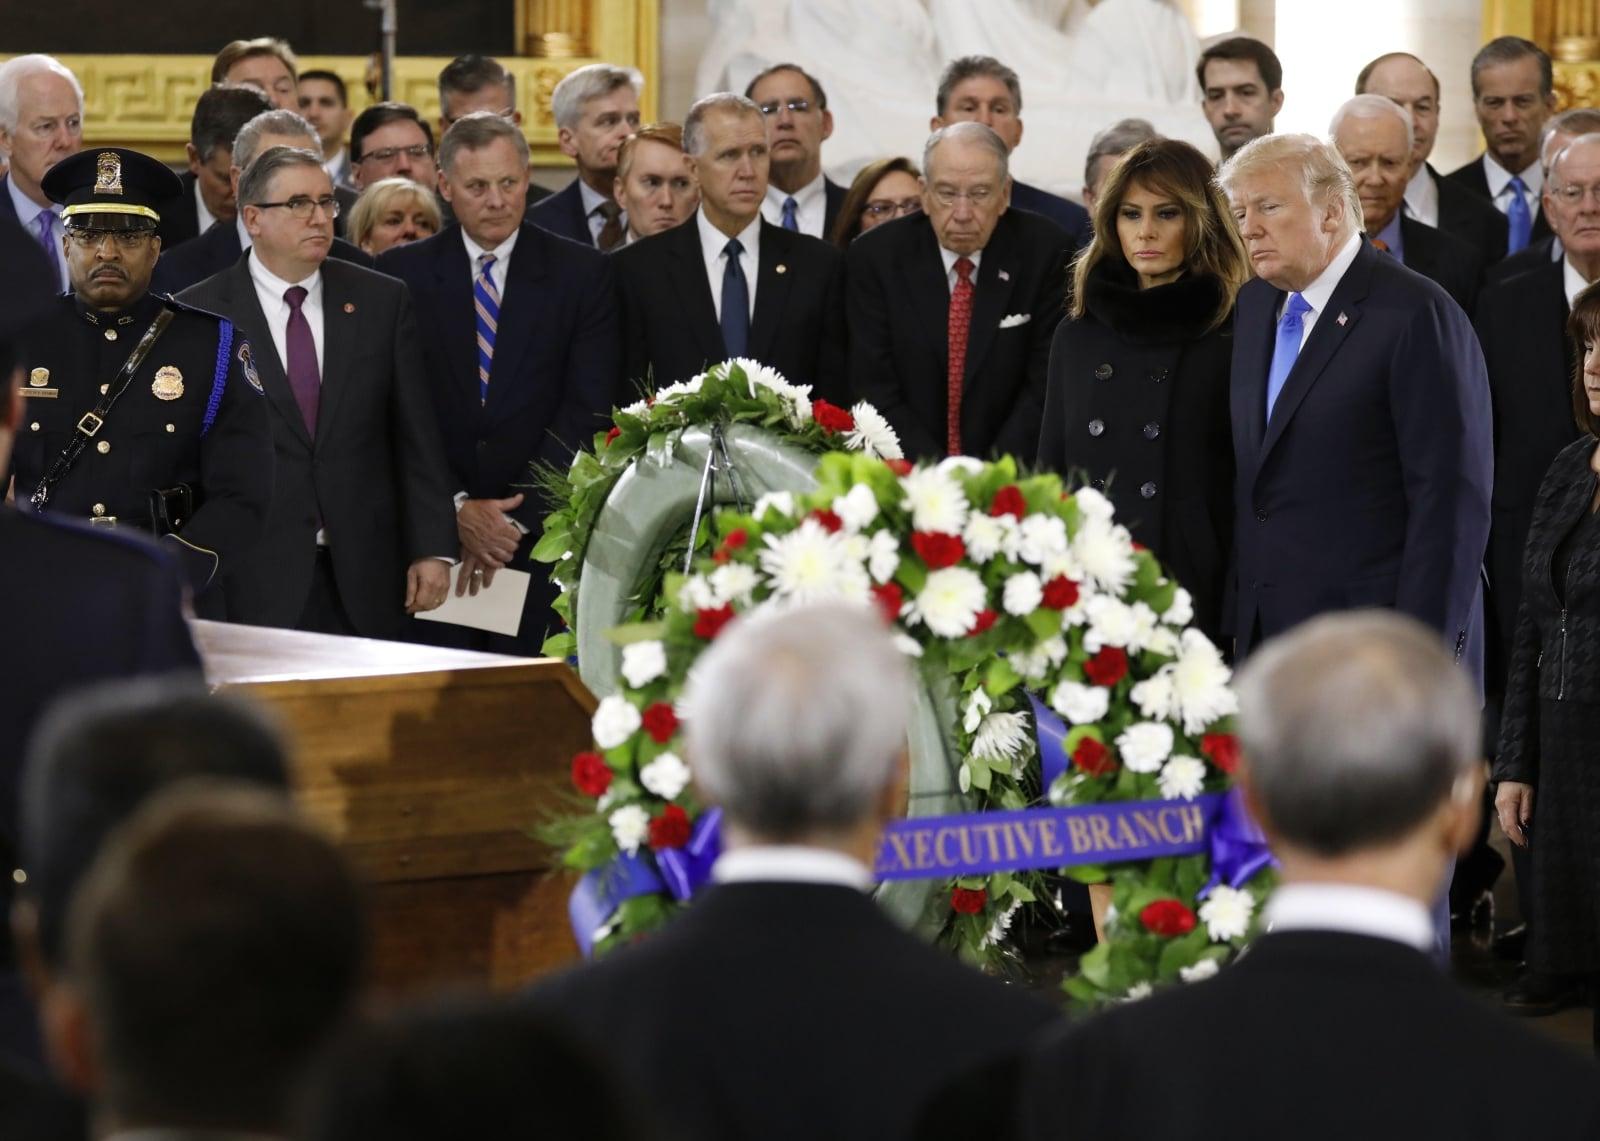 Donald Trump i Pierwsza Dama Melania Trump podczas uroczystości pogrzebowych Billy'ego Grahama - amerykańskiego ewangelisty, teologa i antropologa, fot. EPA/AARON P. BERNSTEIN / POOL